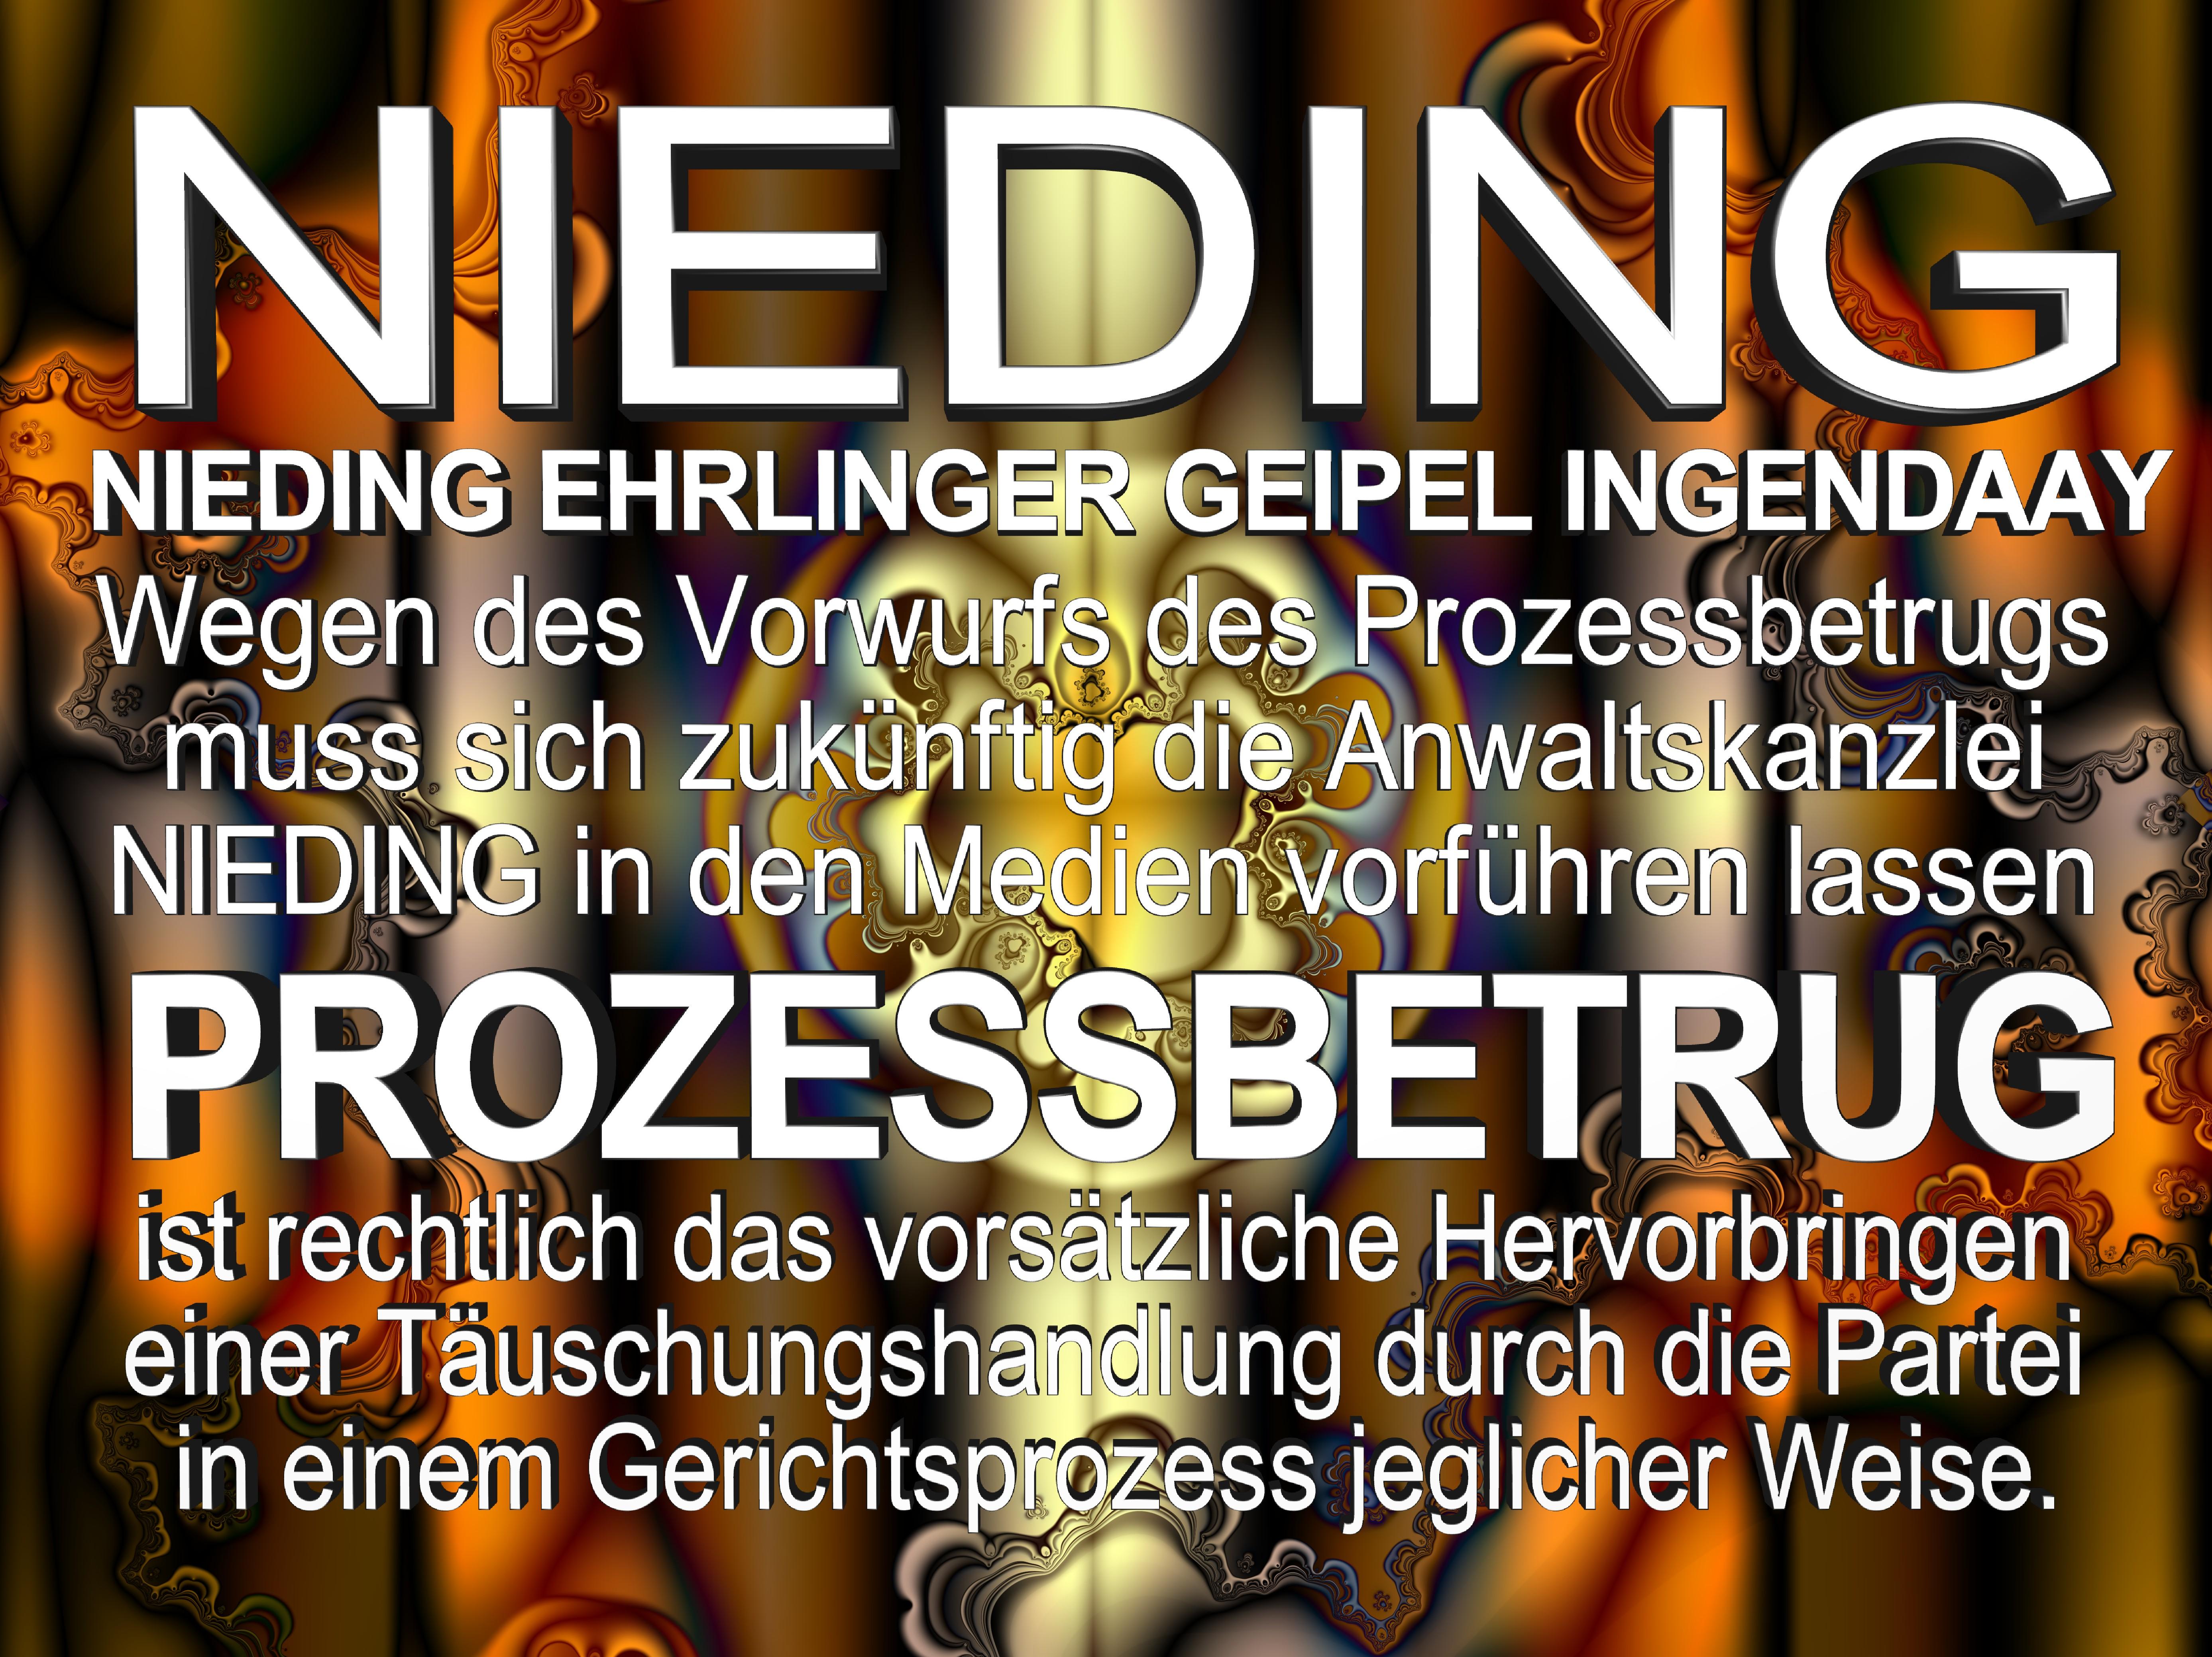 NIEDING EHRLINGER GEIPEL INGENDAAY LELKE Kurfürstendamm 66 Berlin (10)